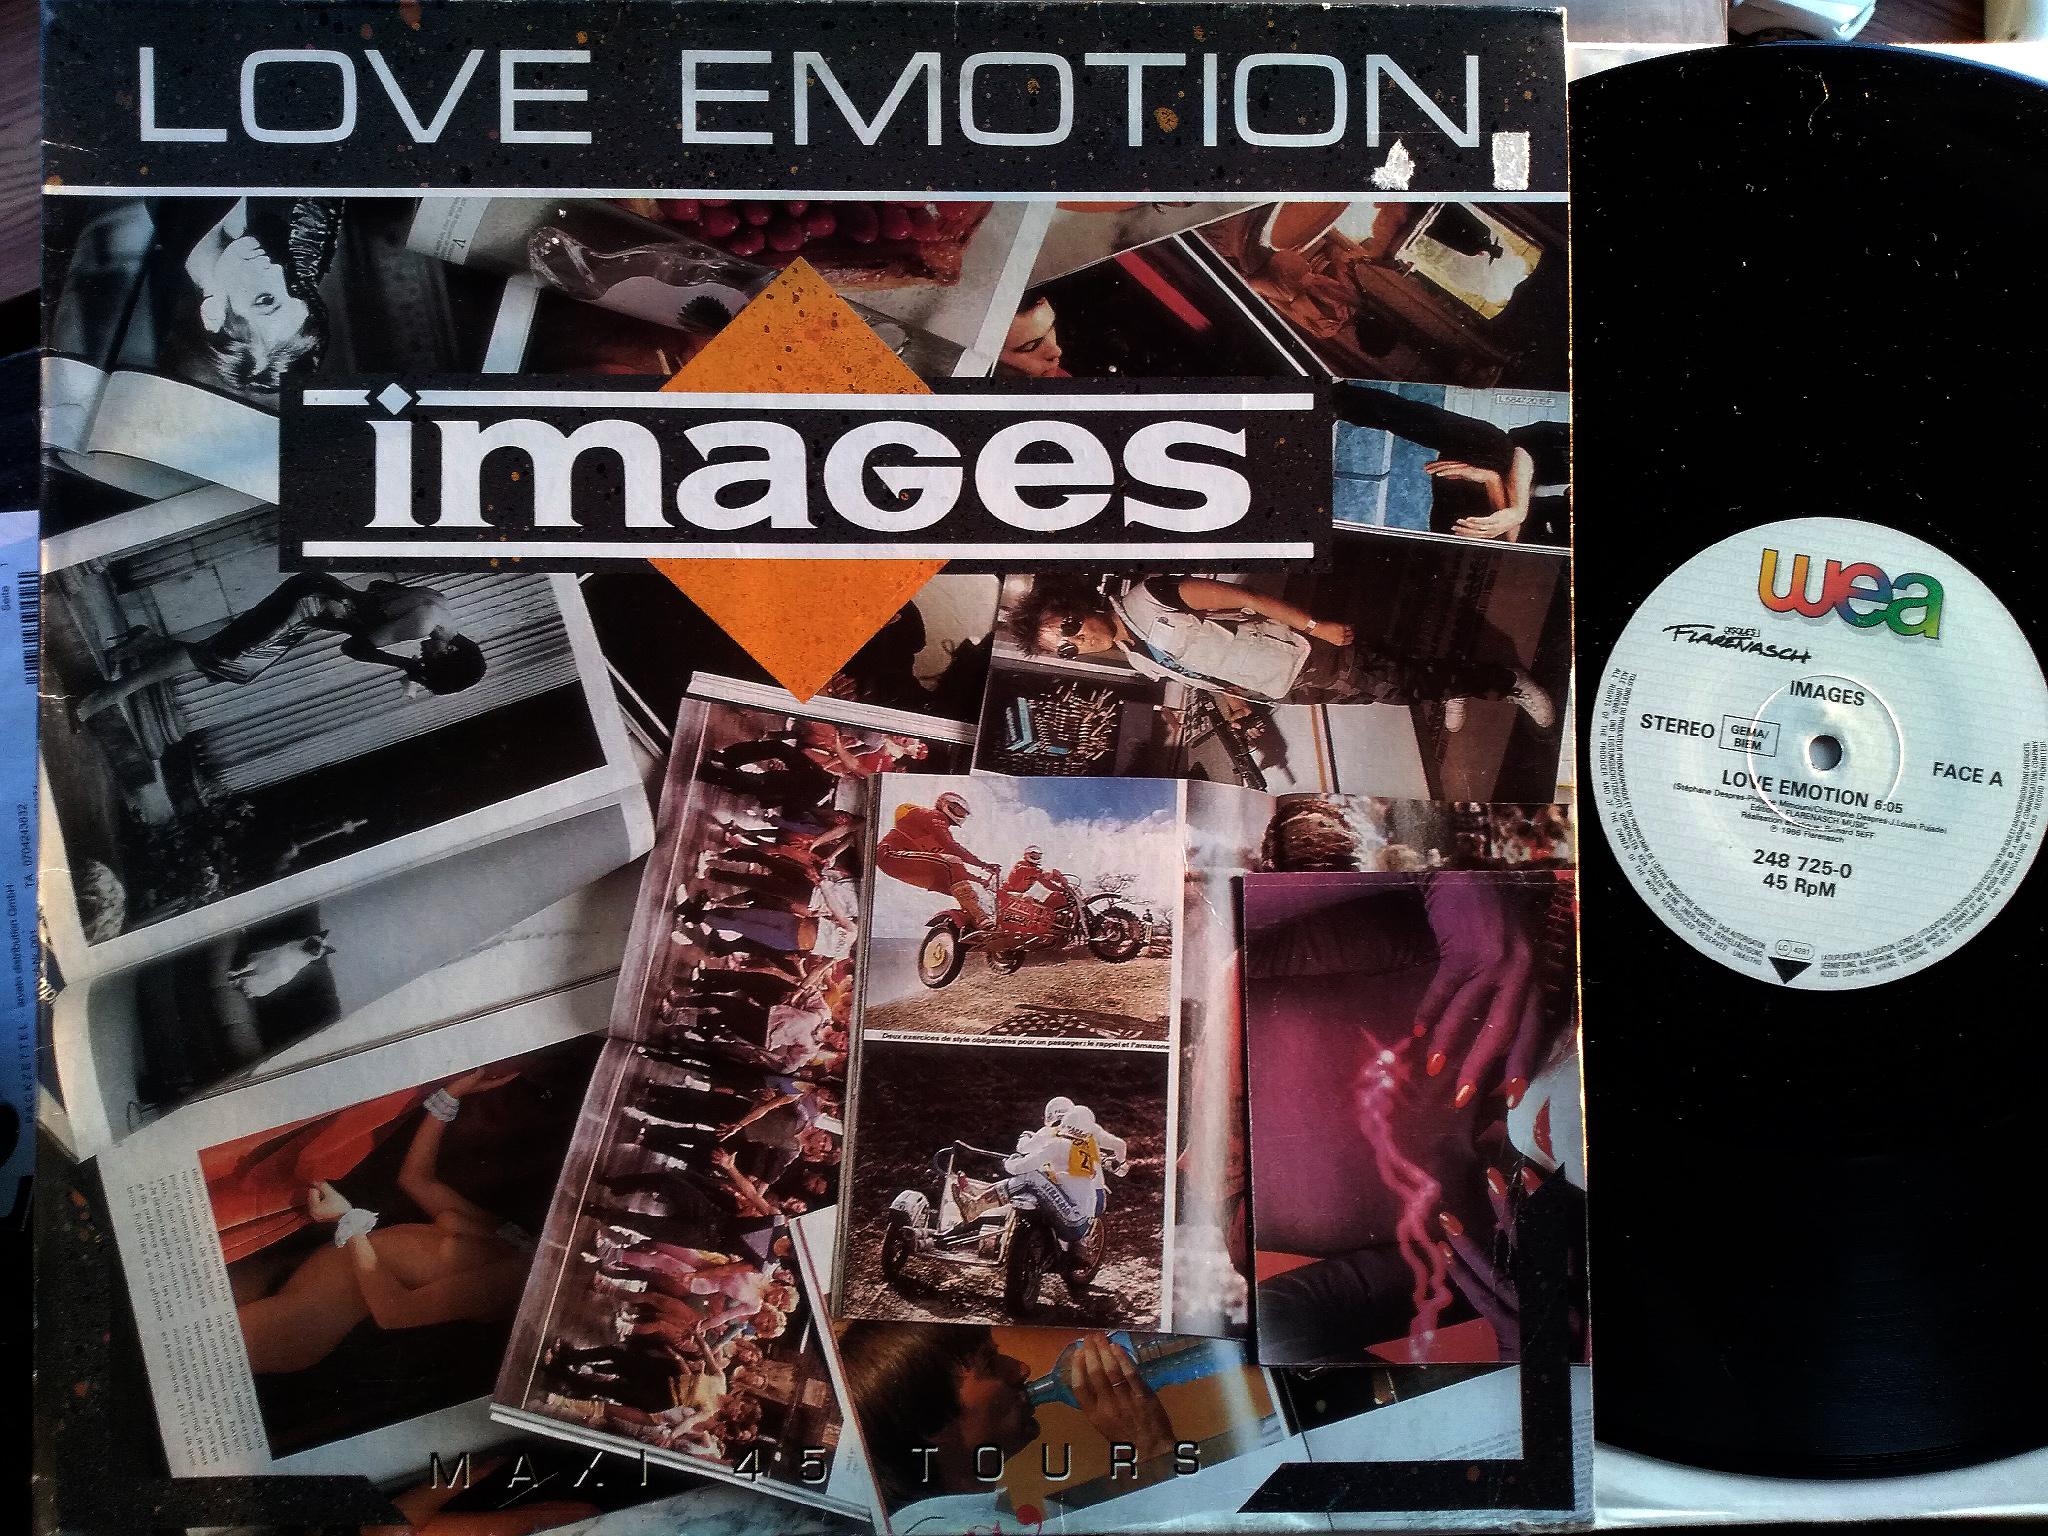 Images - Love Emotion